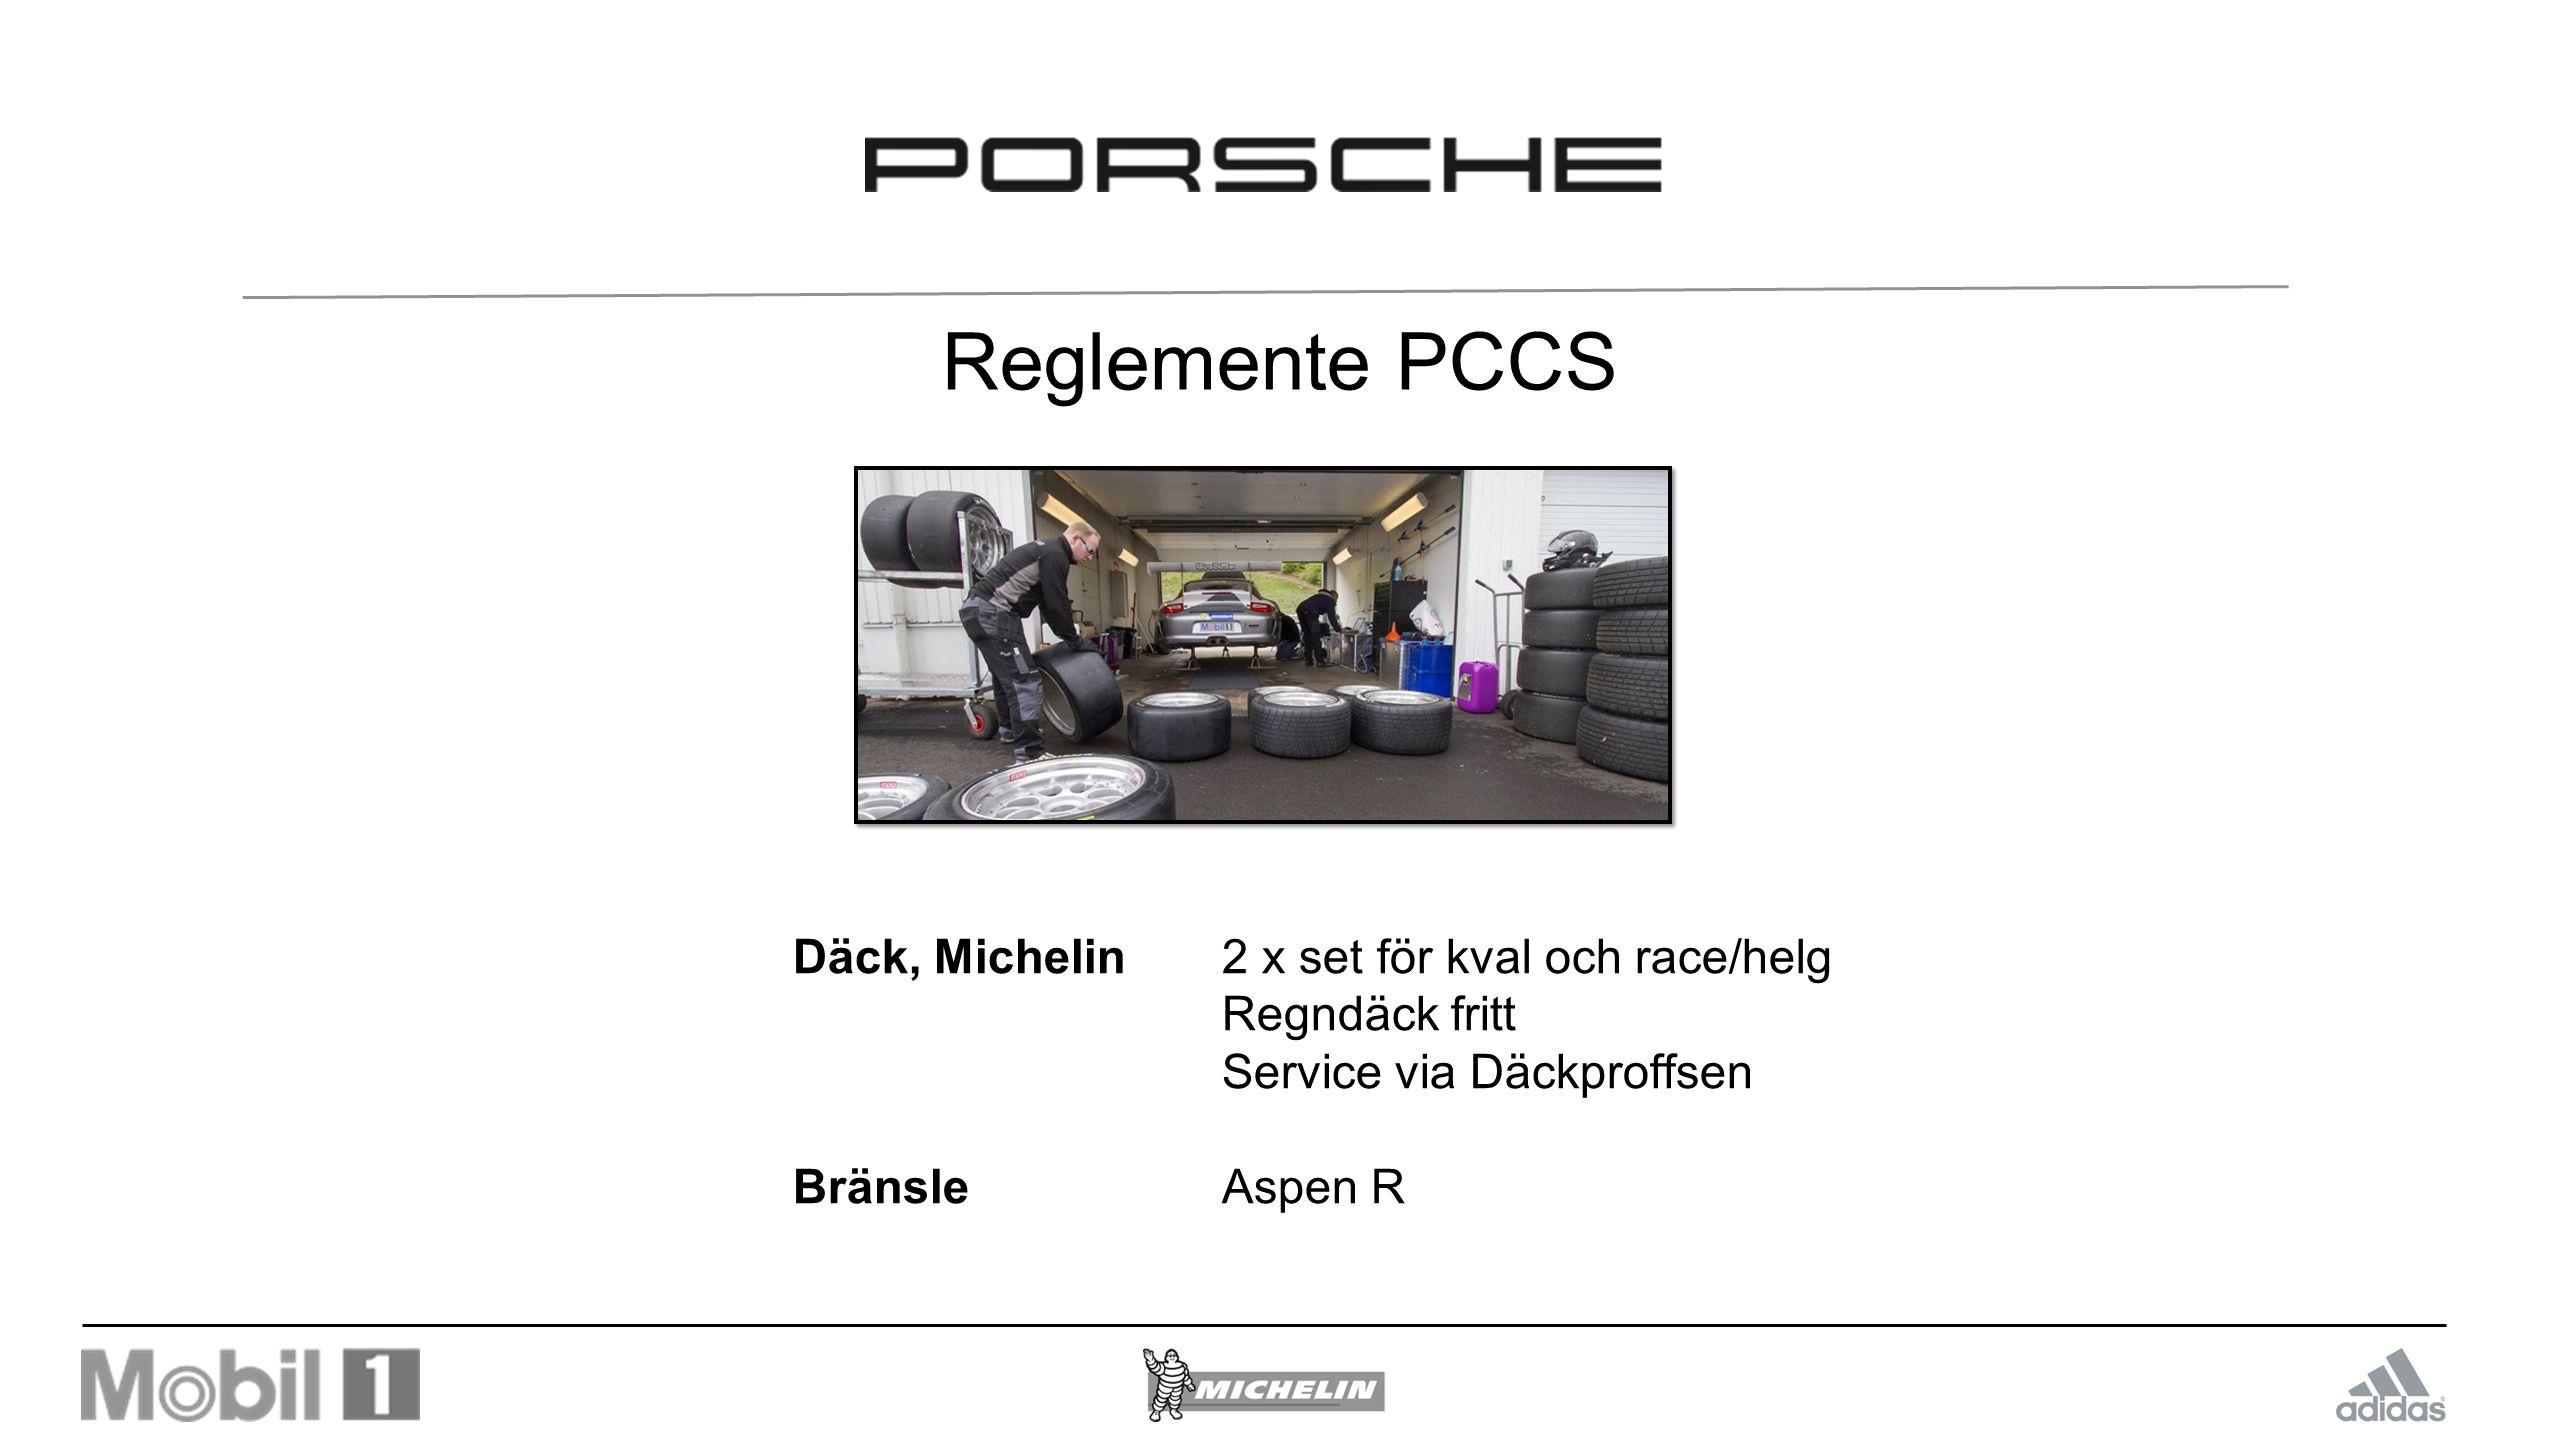 Reglemente PCCS Däck, Michelin 2 x set för kval och race/helg